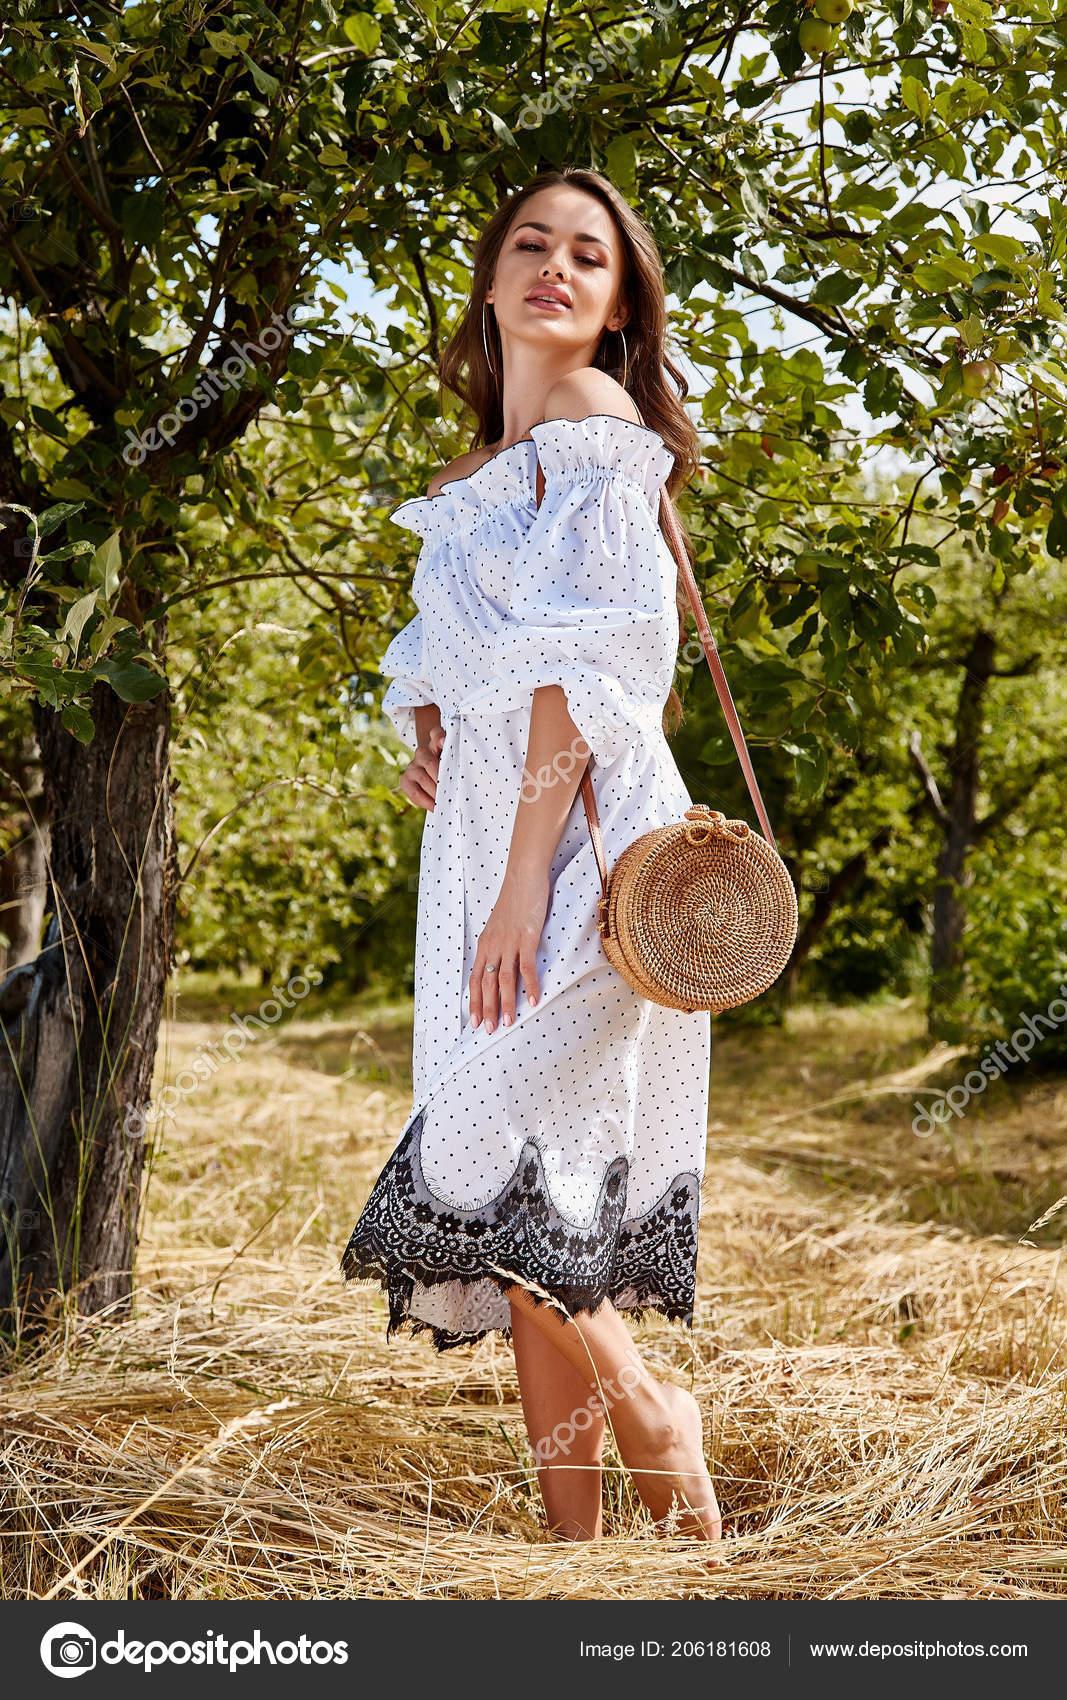 64a6c920f8a Cheveux longs de belle jeune femme sexy maquillage lumineux nature fond  paysage sec arbres d herbe et apple de spike modèle jardin été habillé en  accessoire ...